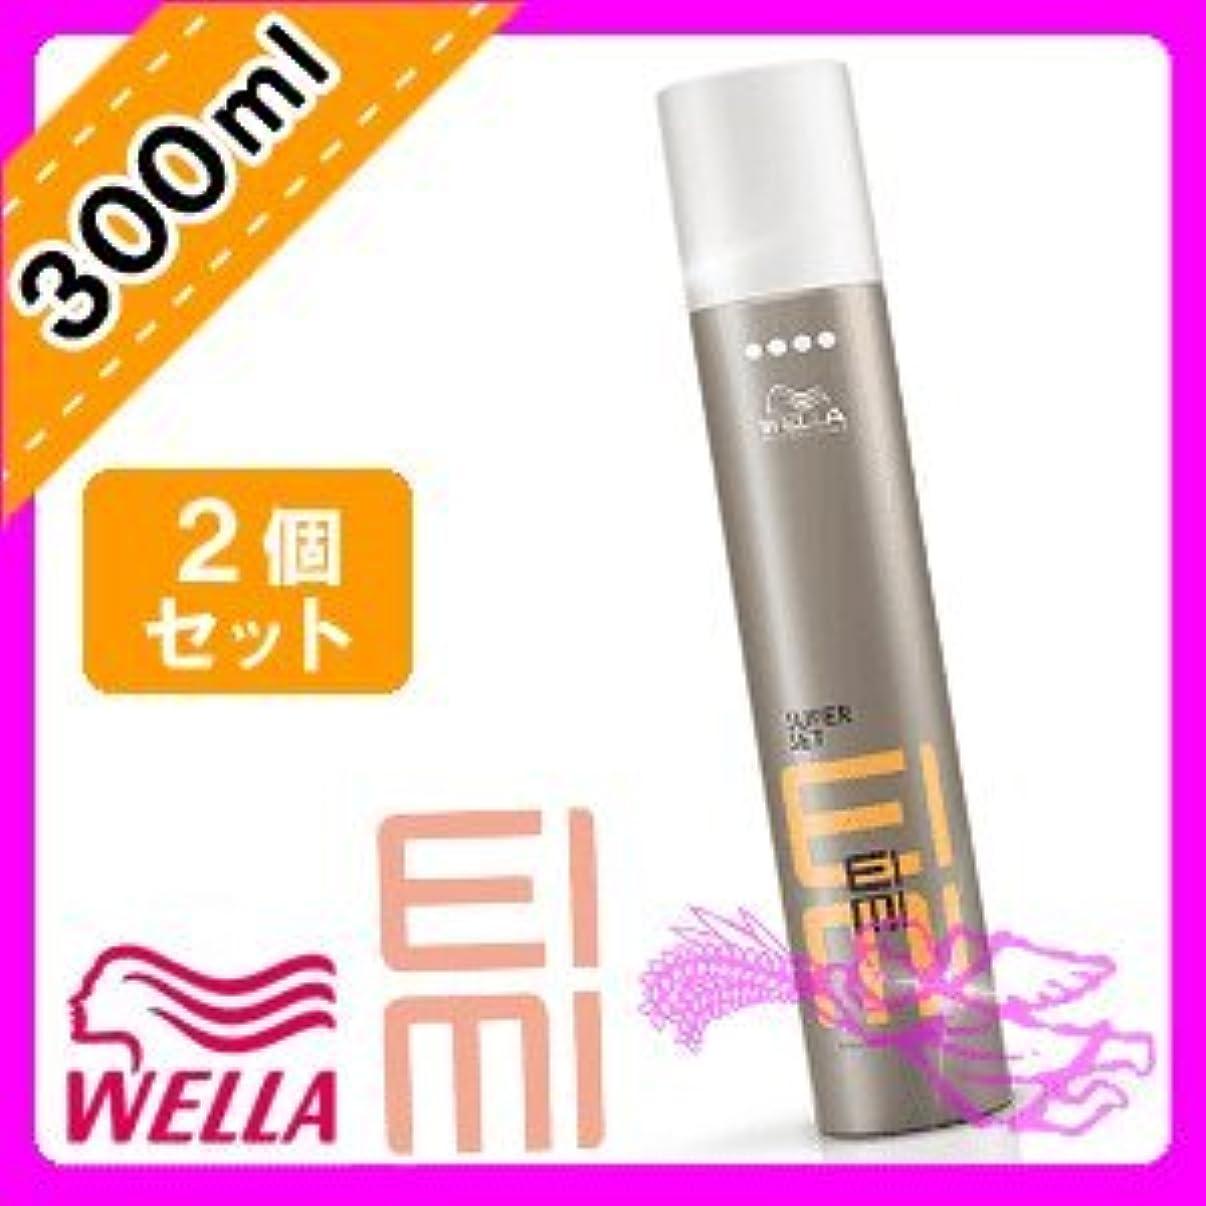 腹部テクトニック変わるウエラ EIMI(アイミィ) スーパーセットスプレー 300ml ×2個 セット WELLA P&G